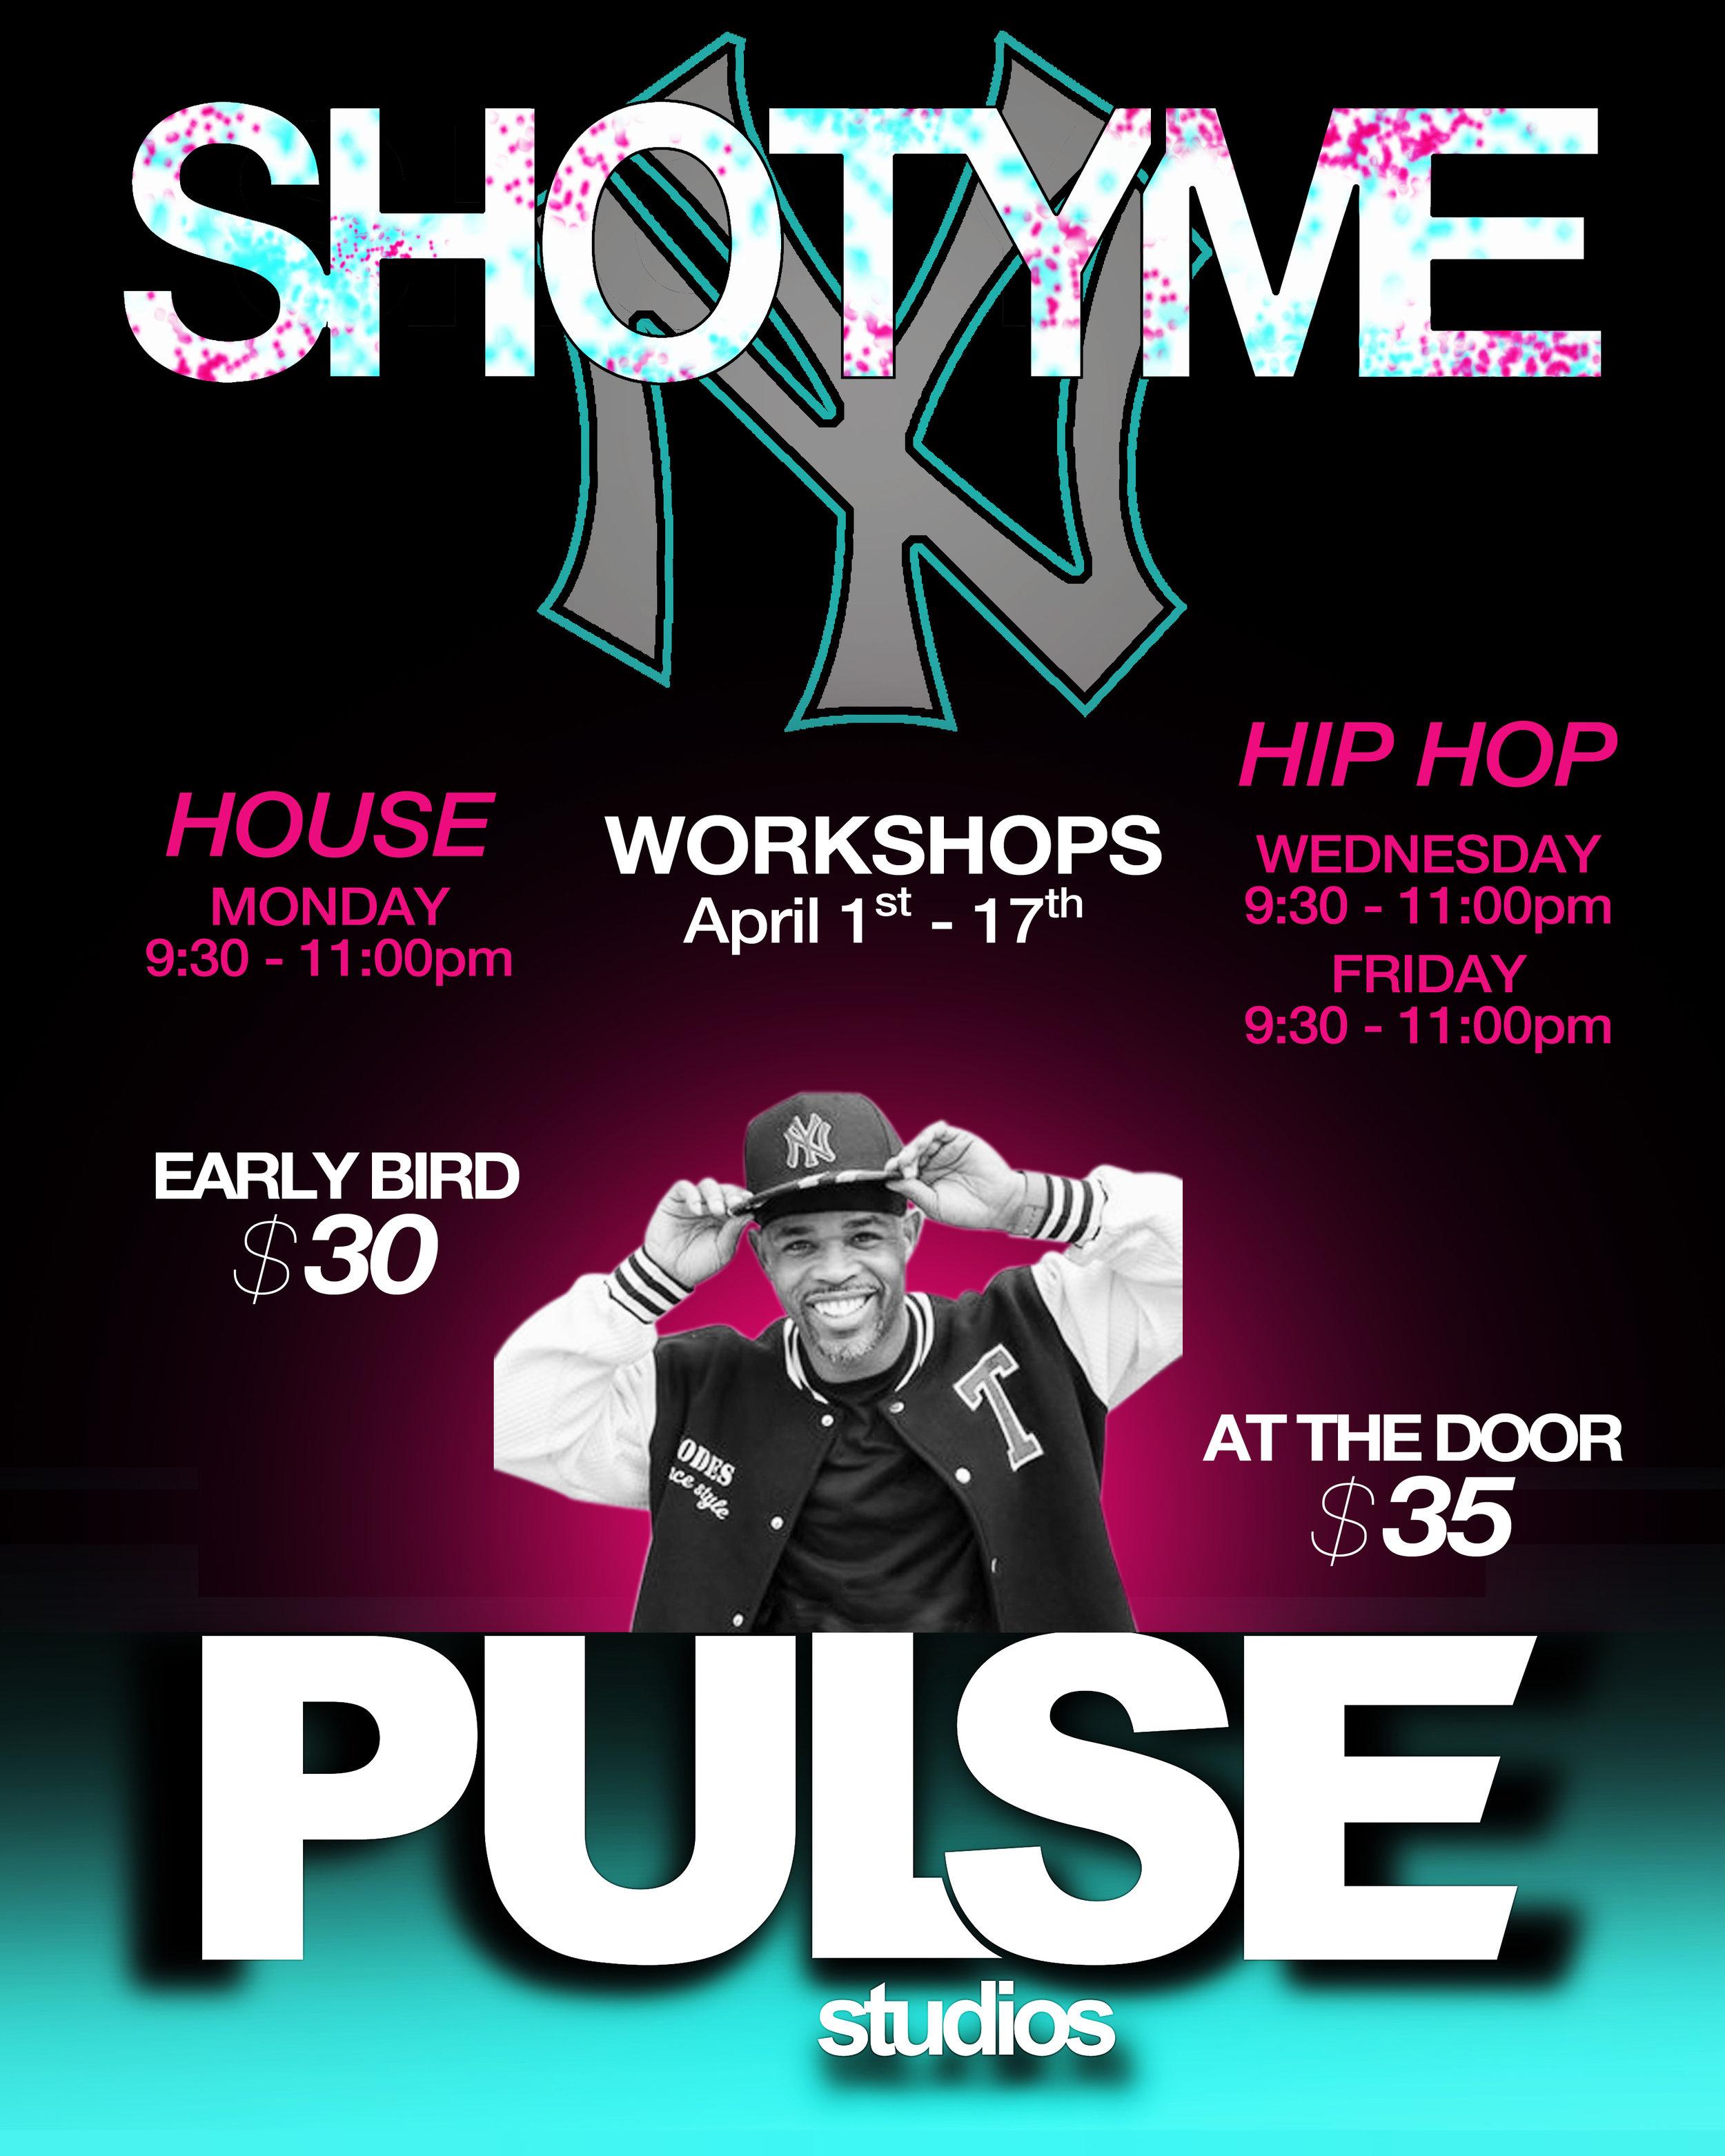 Shotyme Workshops - April 1- 17th